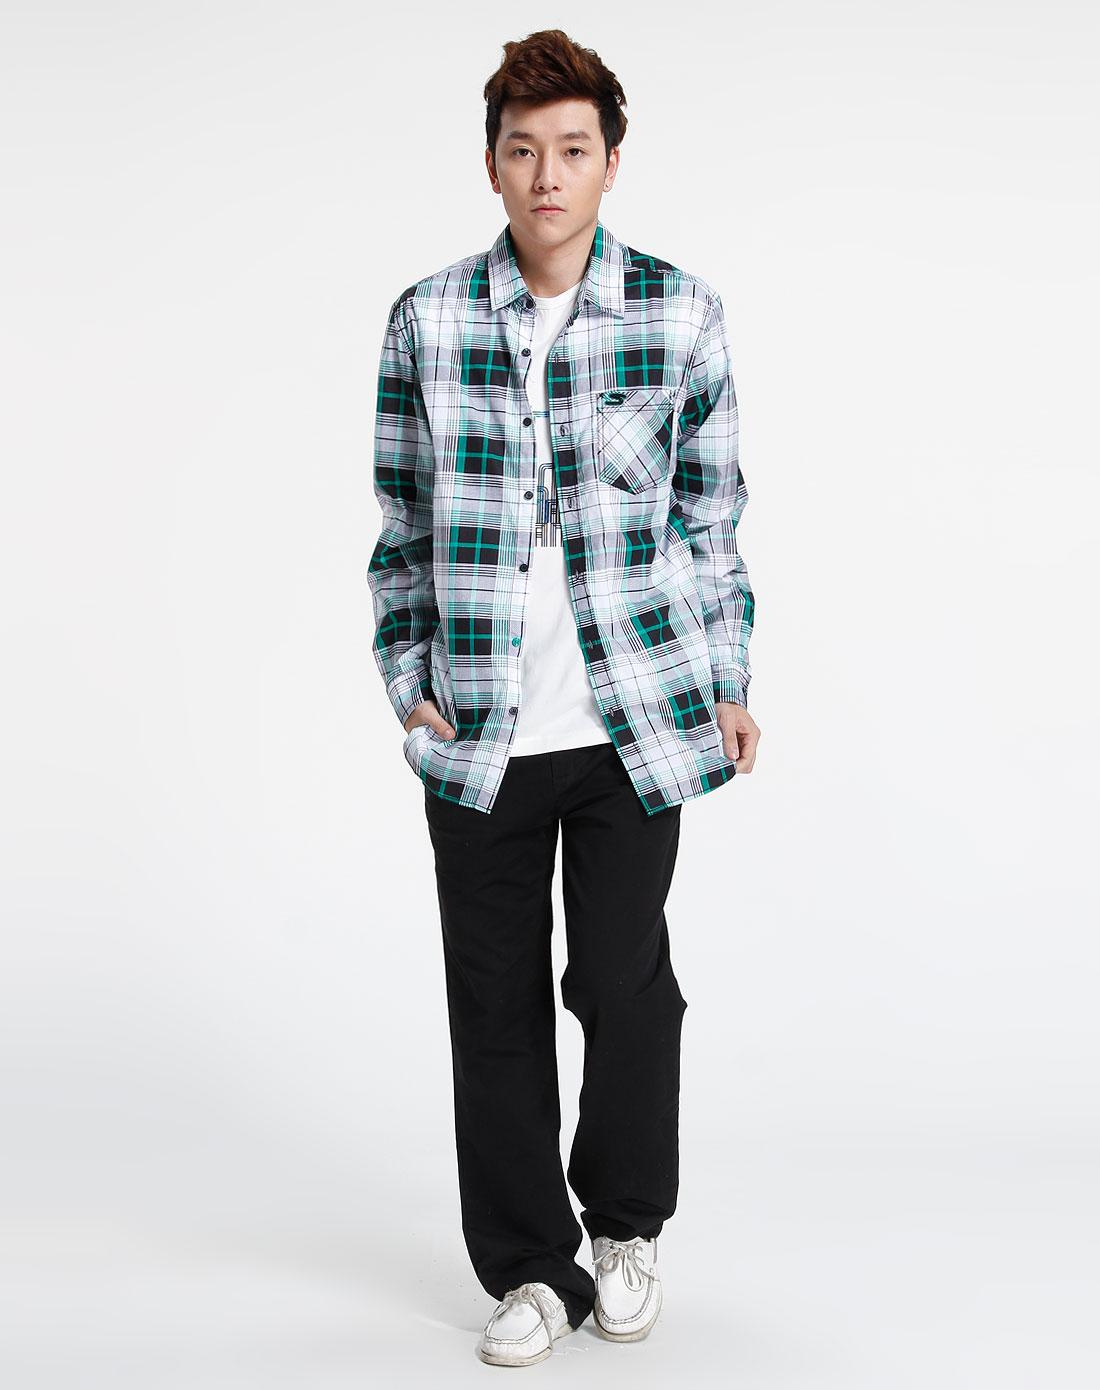 森马-男装-绿/黑色格子长袖休闲衬衫图片